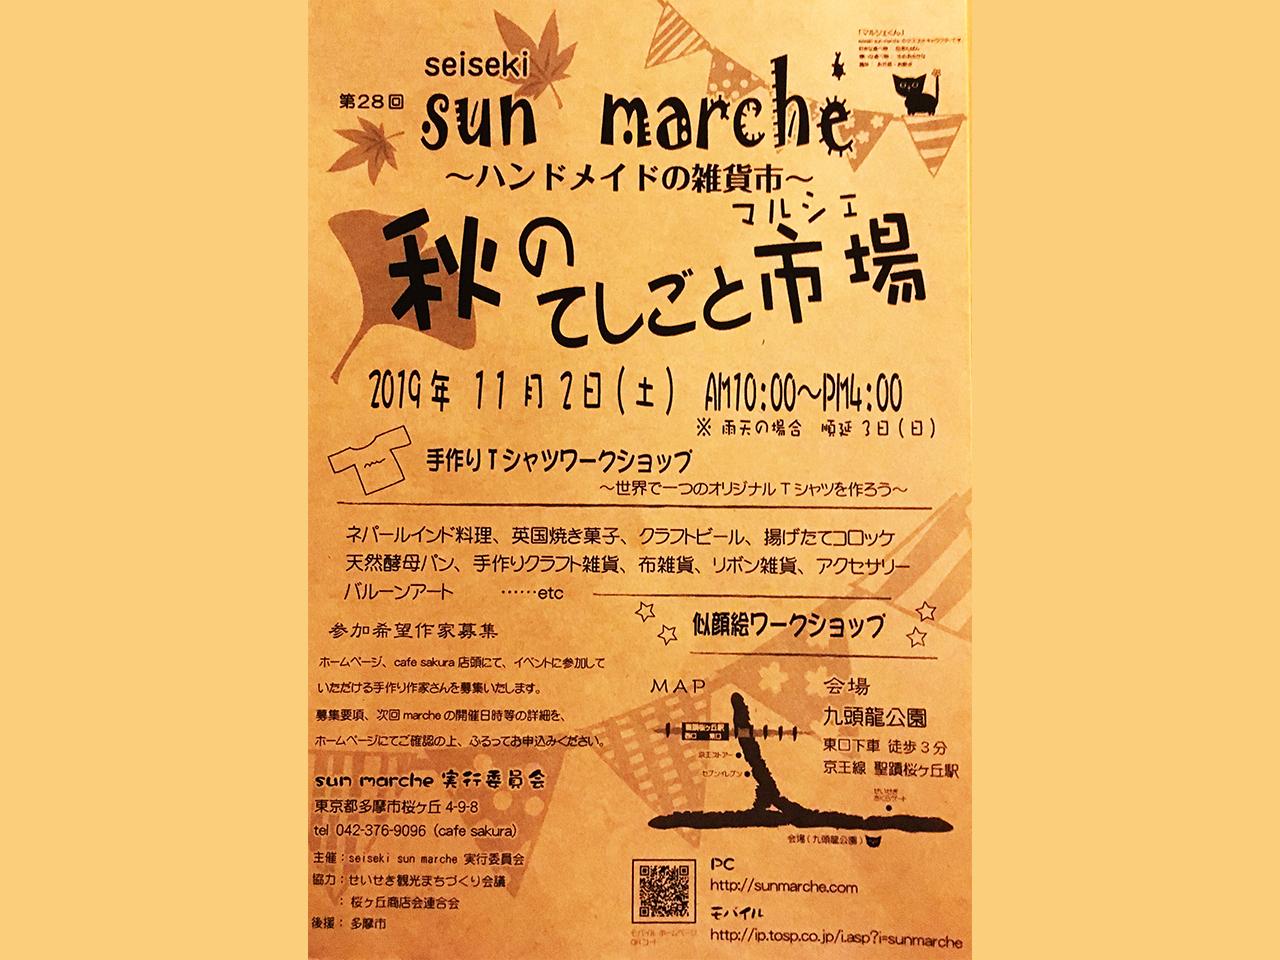 第28回seiseki Sun marché 秋のてしごと市場